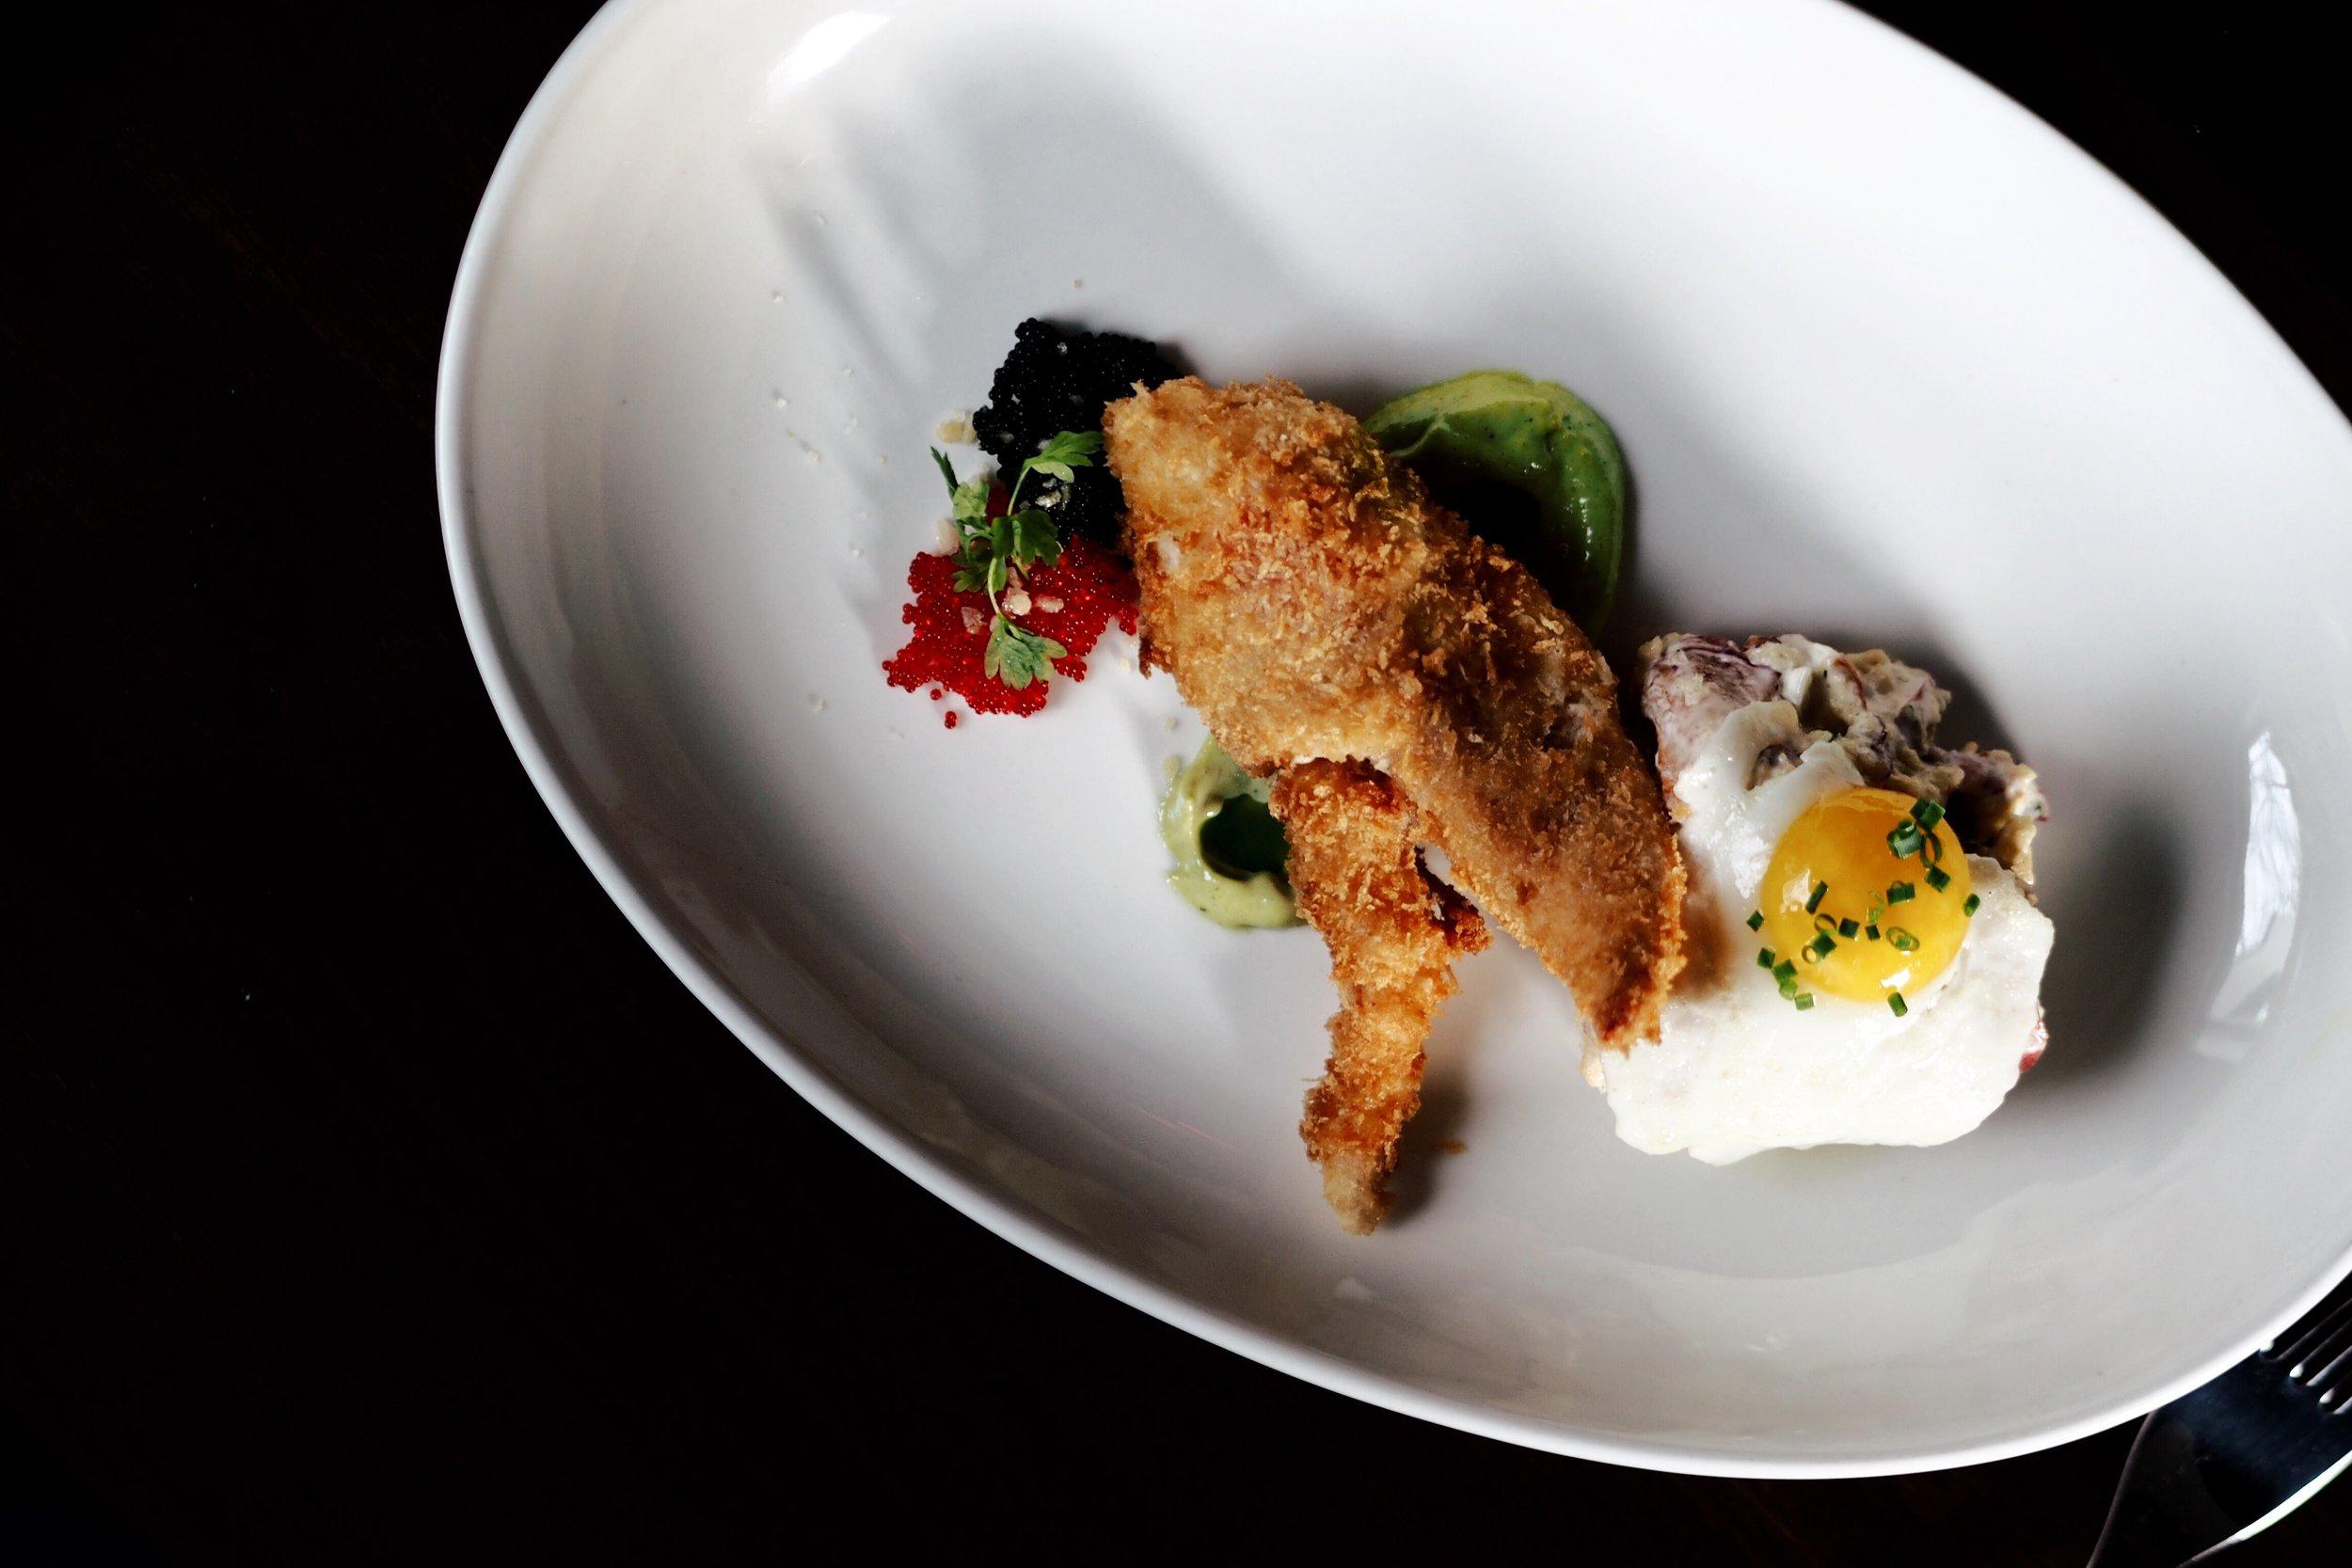 Lobster : Egg, Caviar ($36.00 + tax)